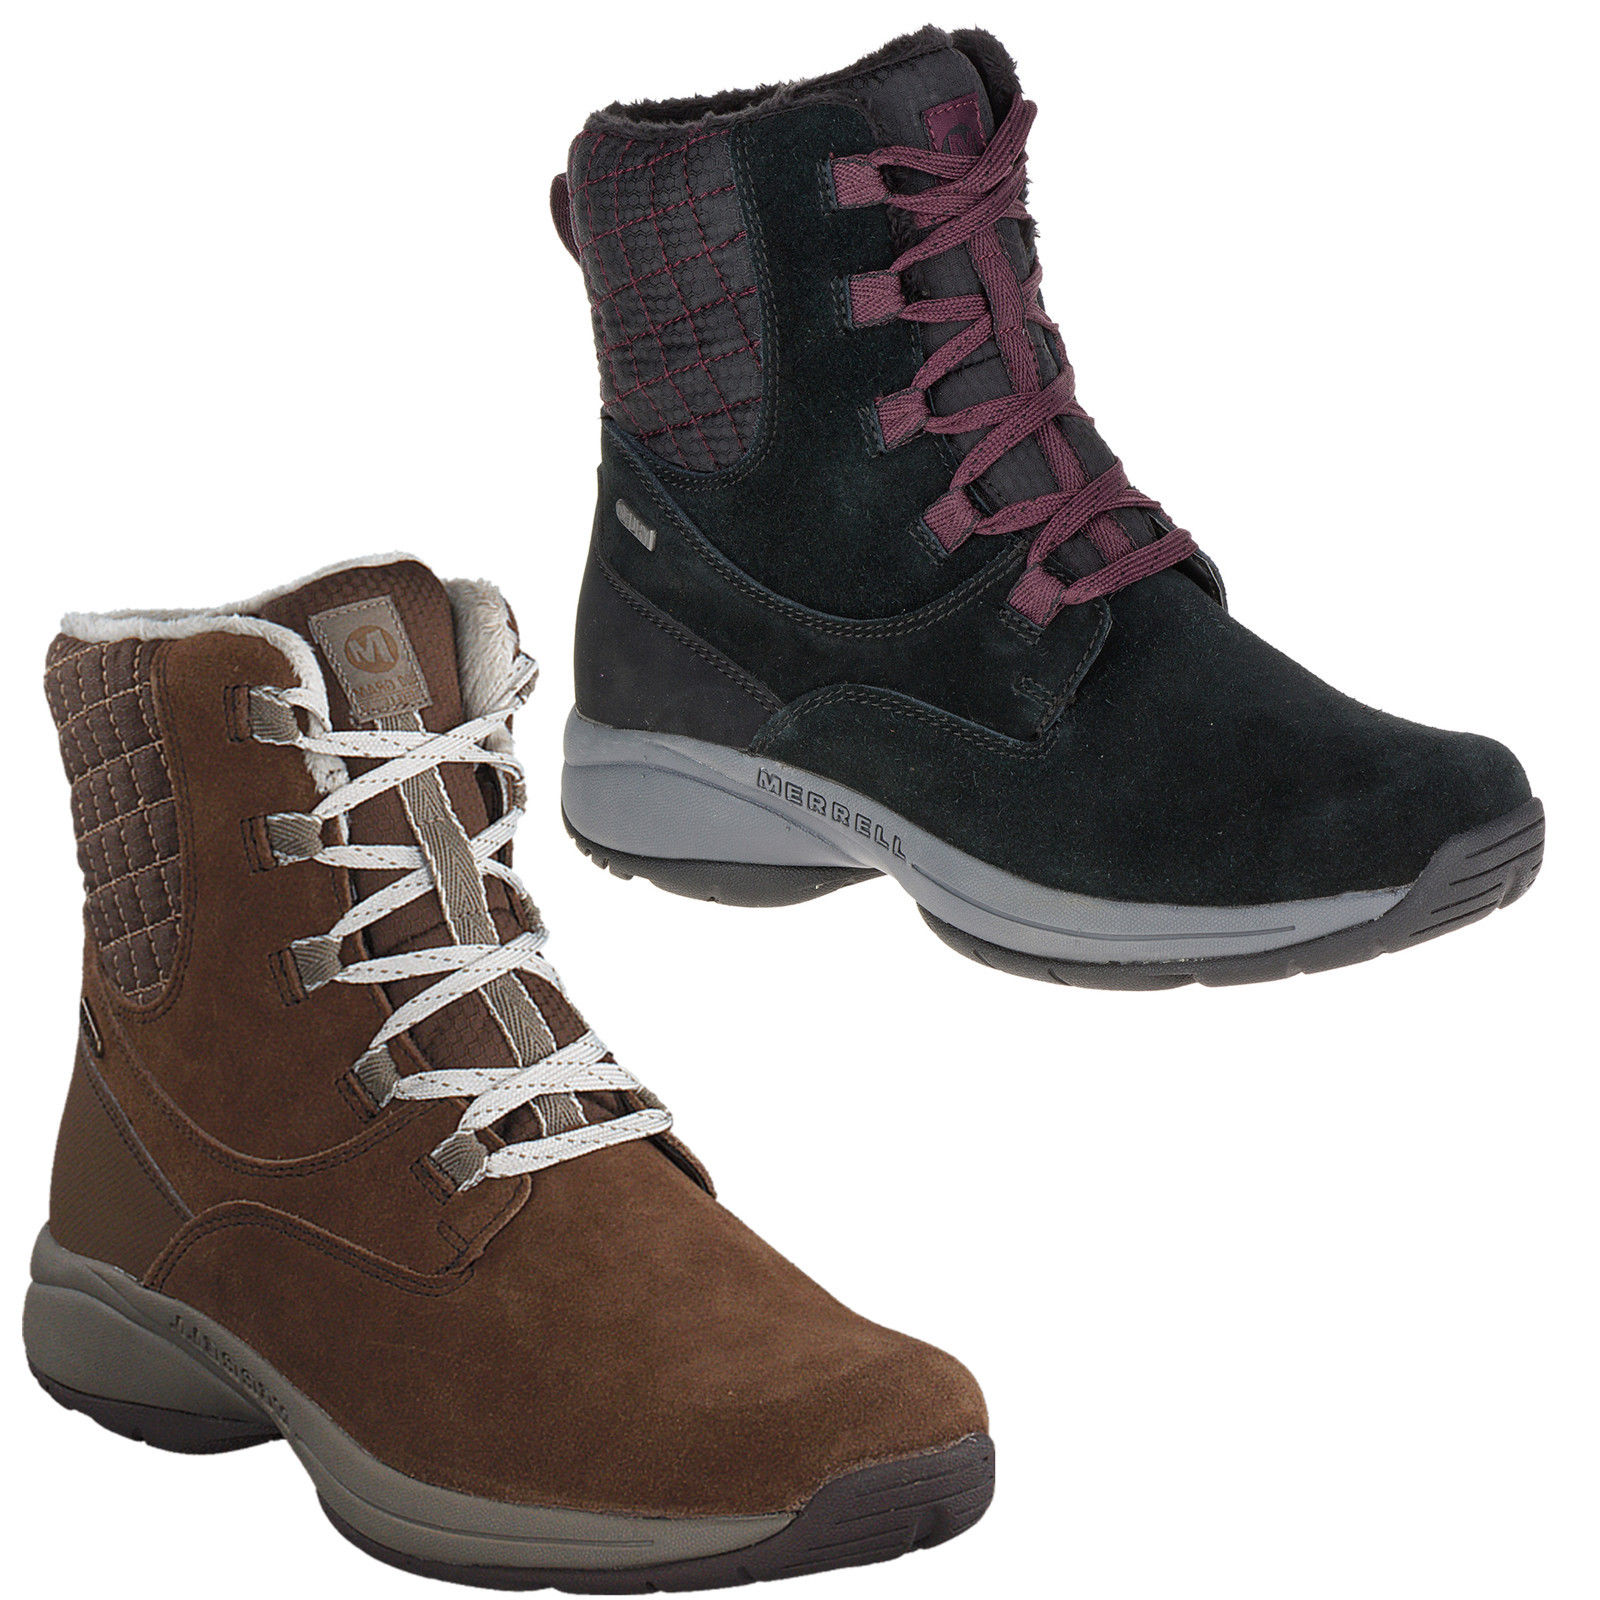 Journey Clothing Shoe Store